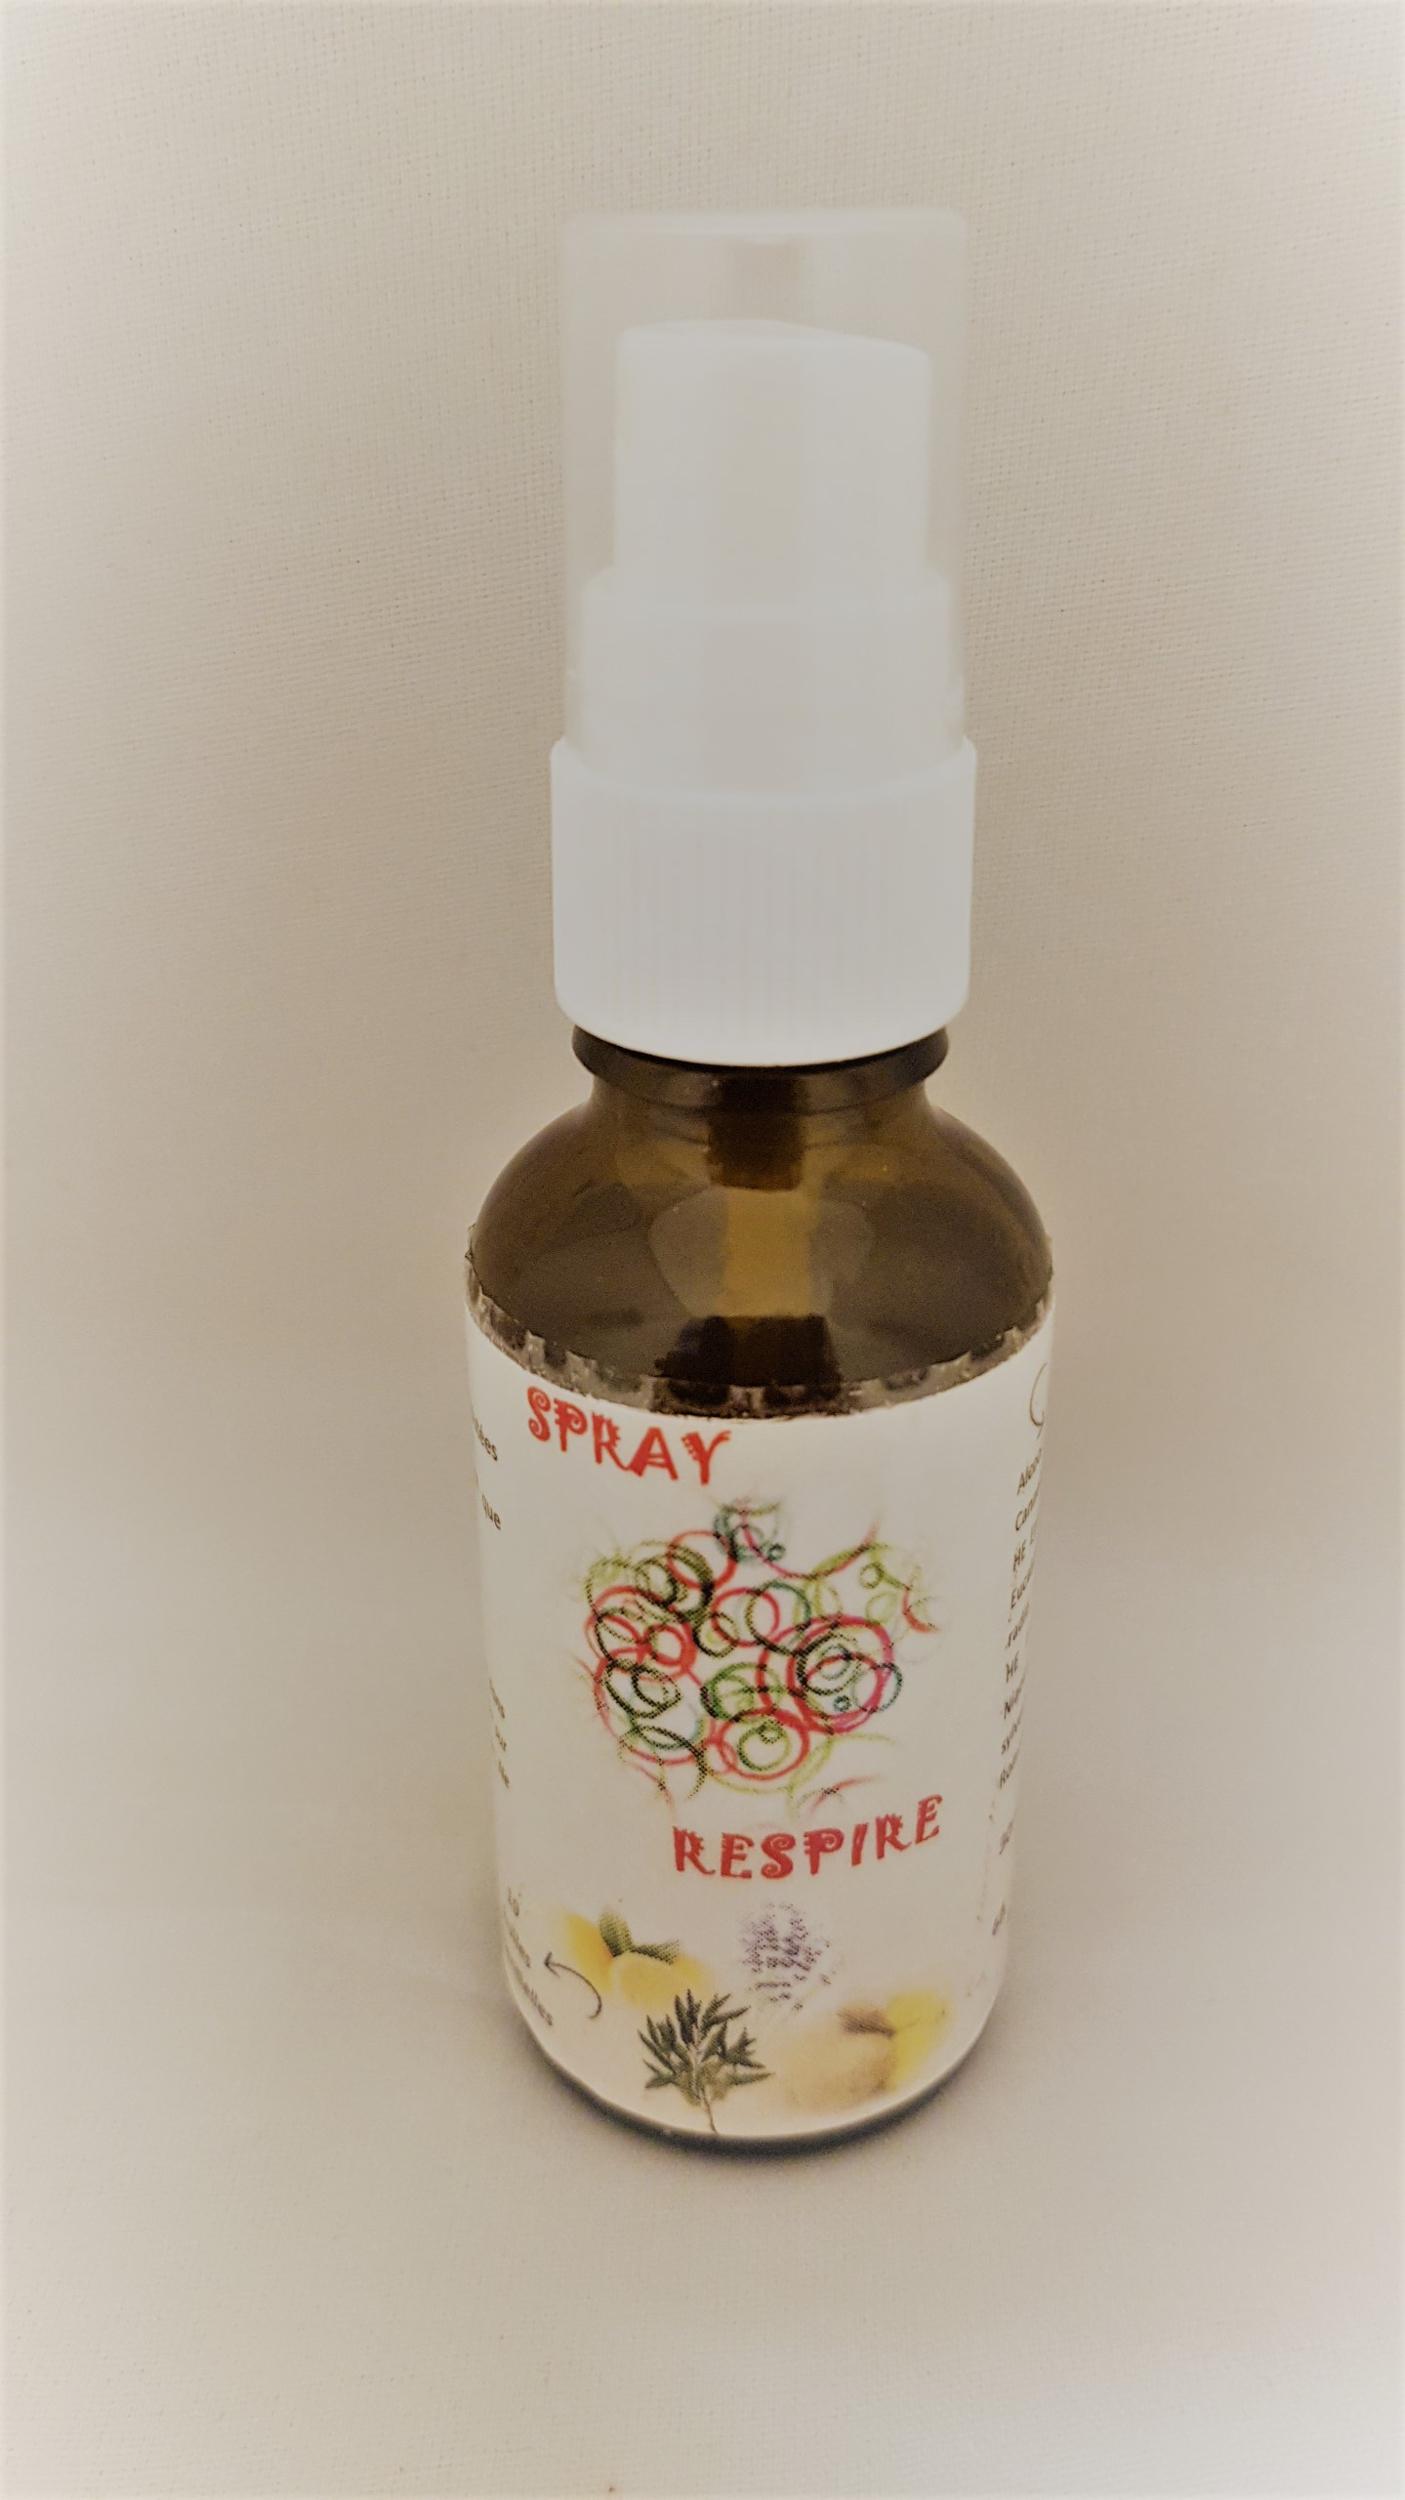 SprayRespire